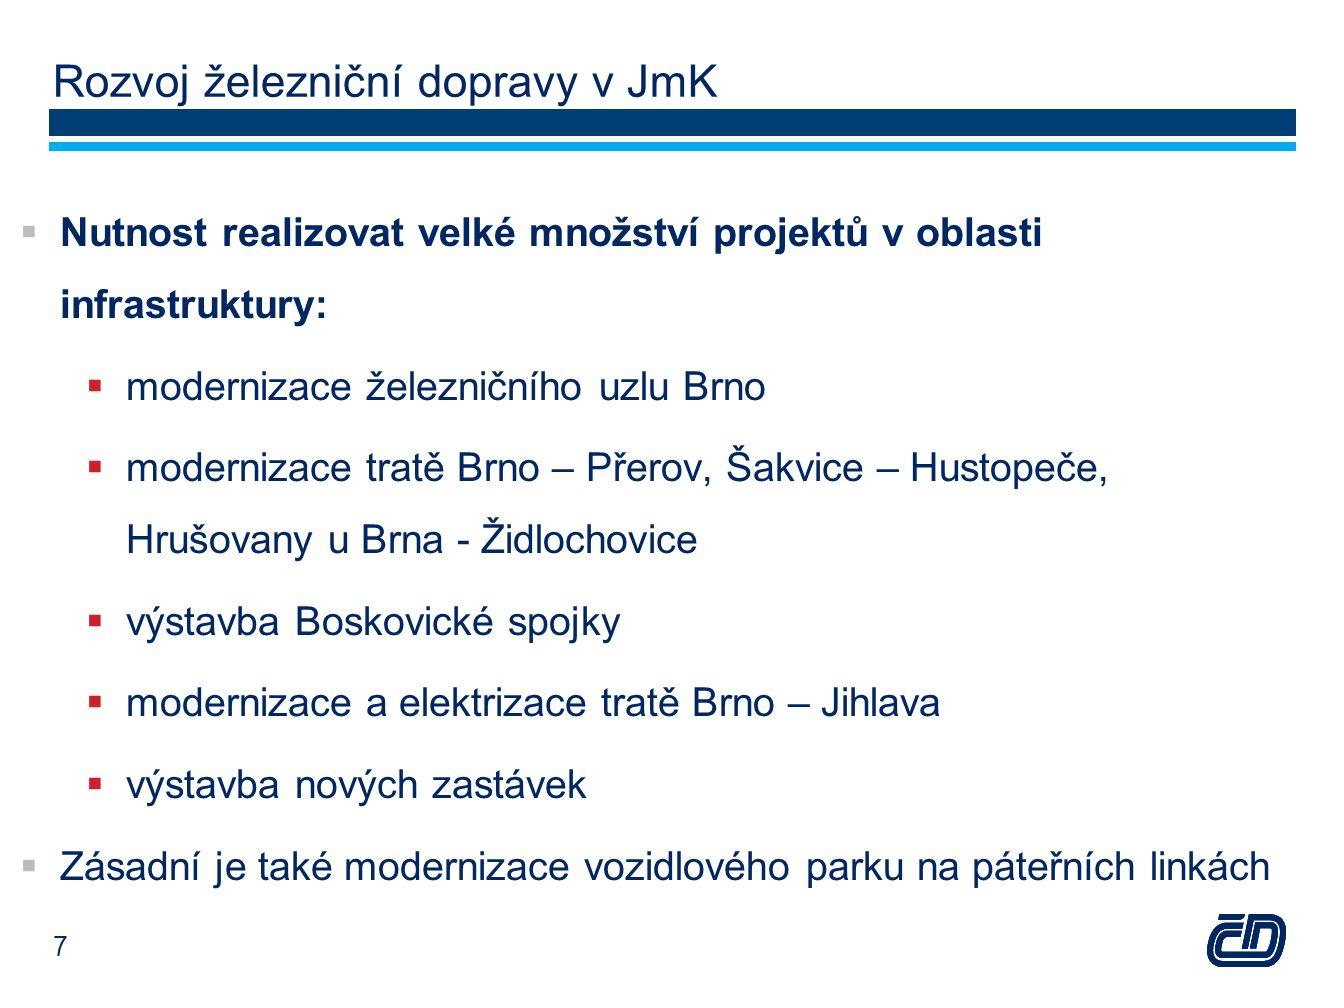 Rozvoj služeb pro cestující v JmK  Během letní turistické sezóny bude v provozu nový cyklovlak Expres Pálava-Podyjí jedoucí po trase Brno – Břeclav – Mikulov – Znojmo – Šatov.